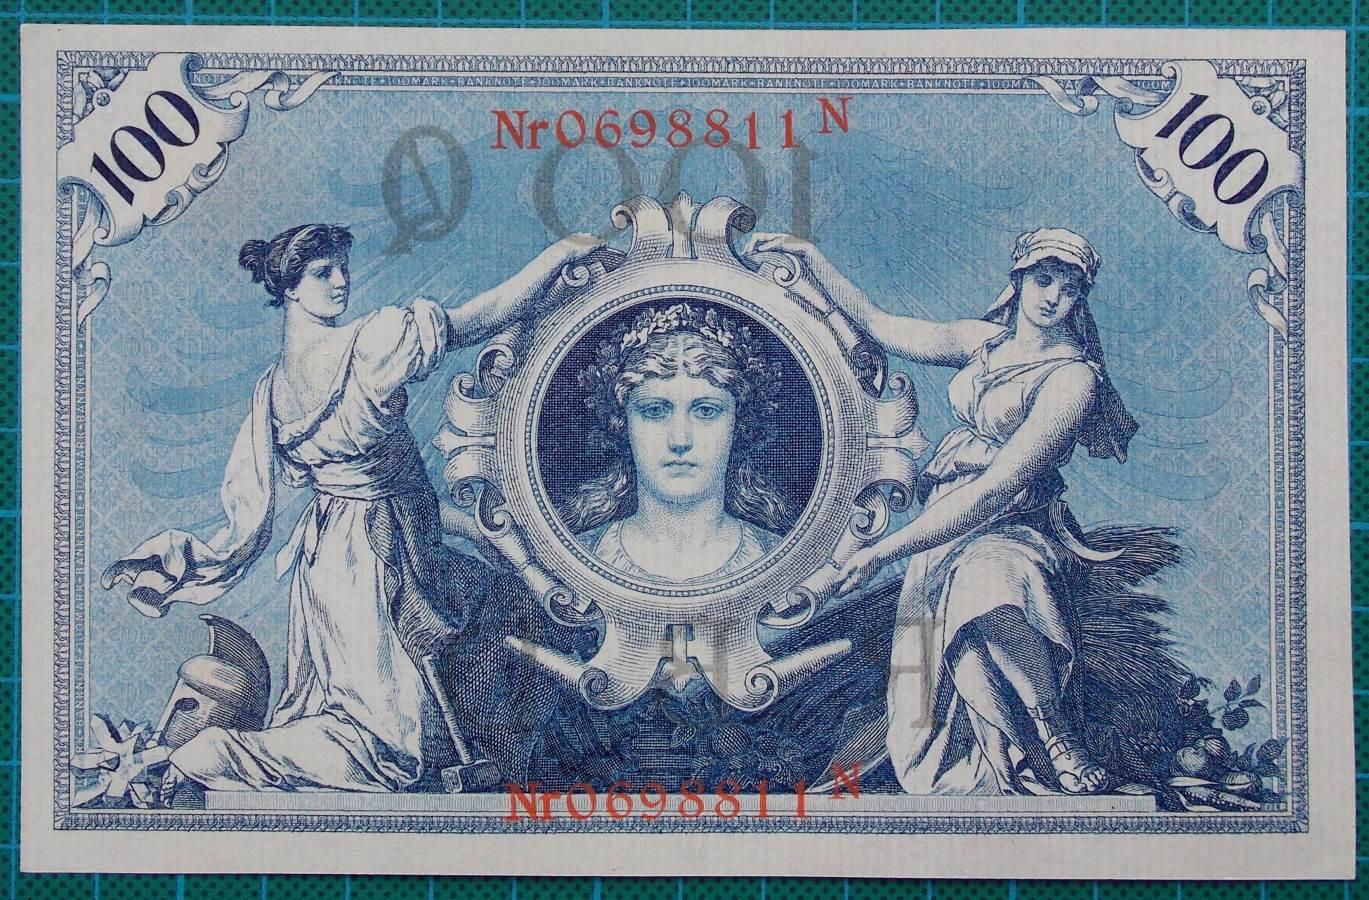 1908 REICHSBANKNOTE 100 MARK 0698811N